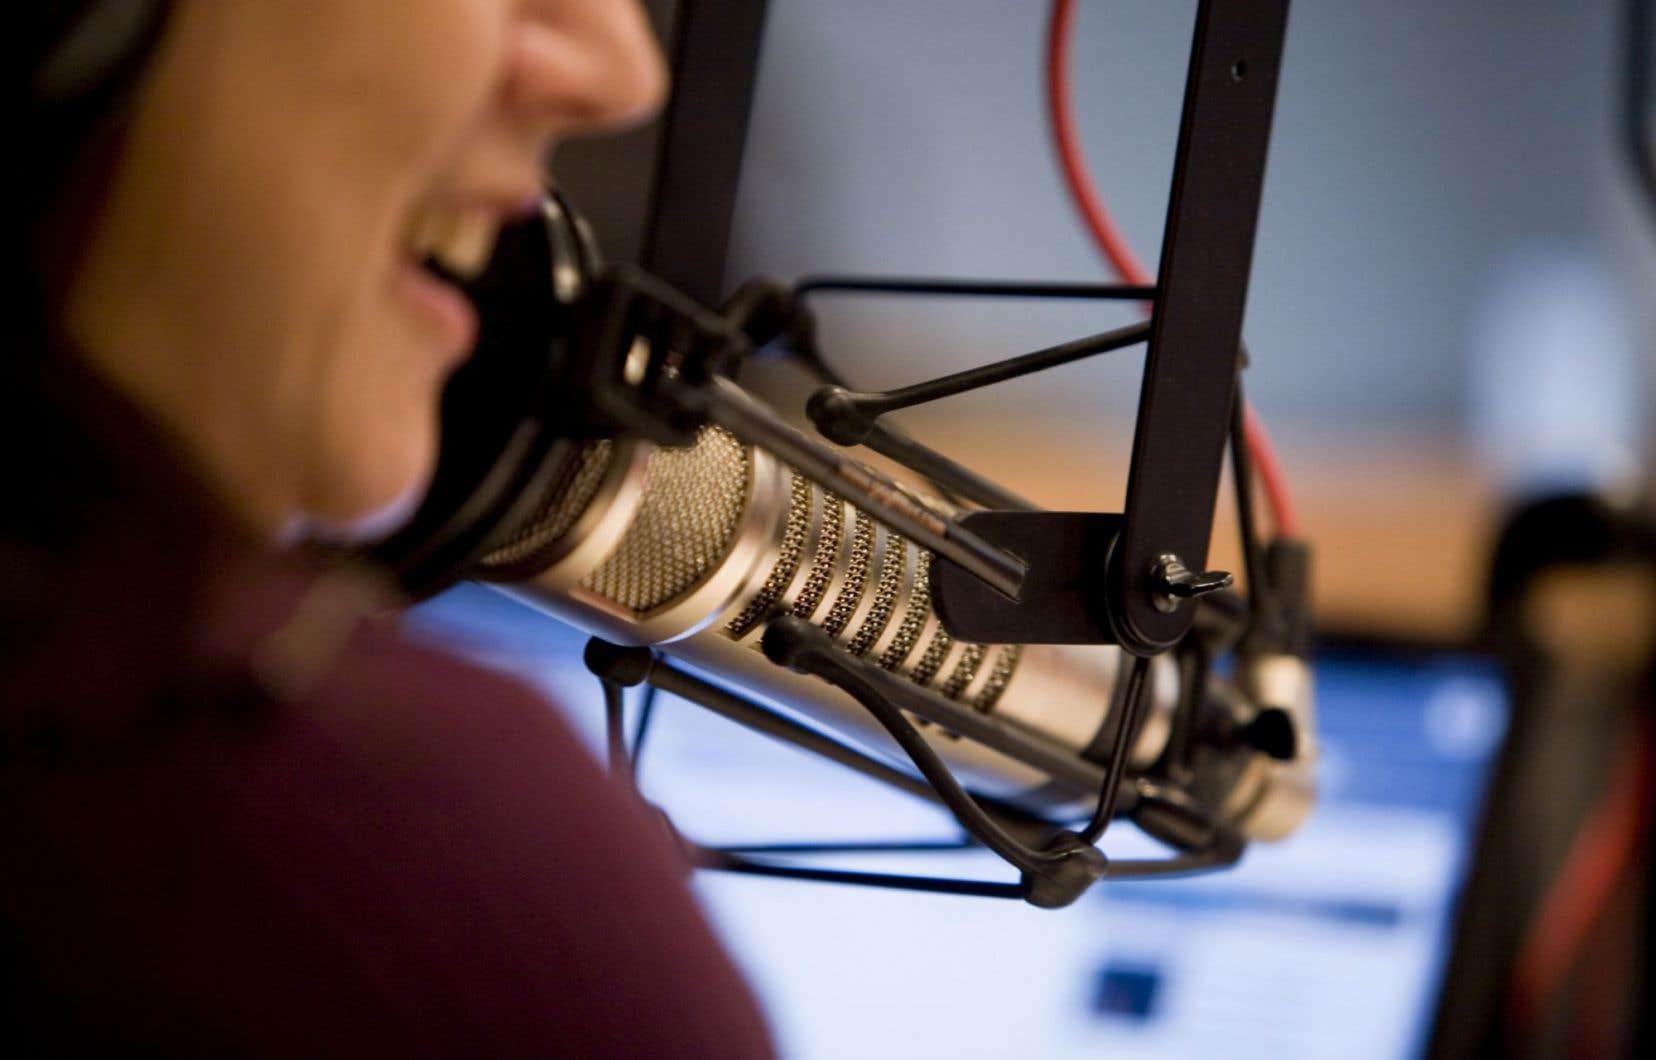 <p>Une assemblée générale a été tenue le 4décembre dernier quant à l'ouverture de la programmation radiophoniqueà des «producteurs indépendants»,mais la direction n'a pas reconnu le résultat du vote, selon un regroupement de bénévoles.</p>